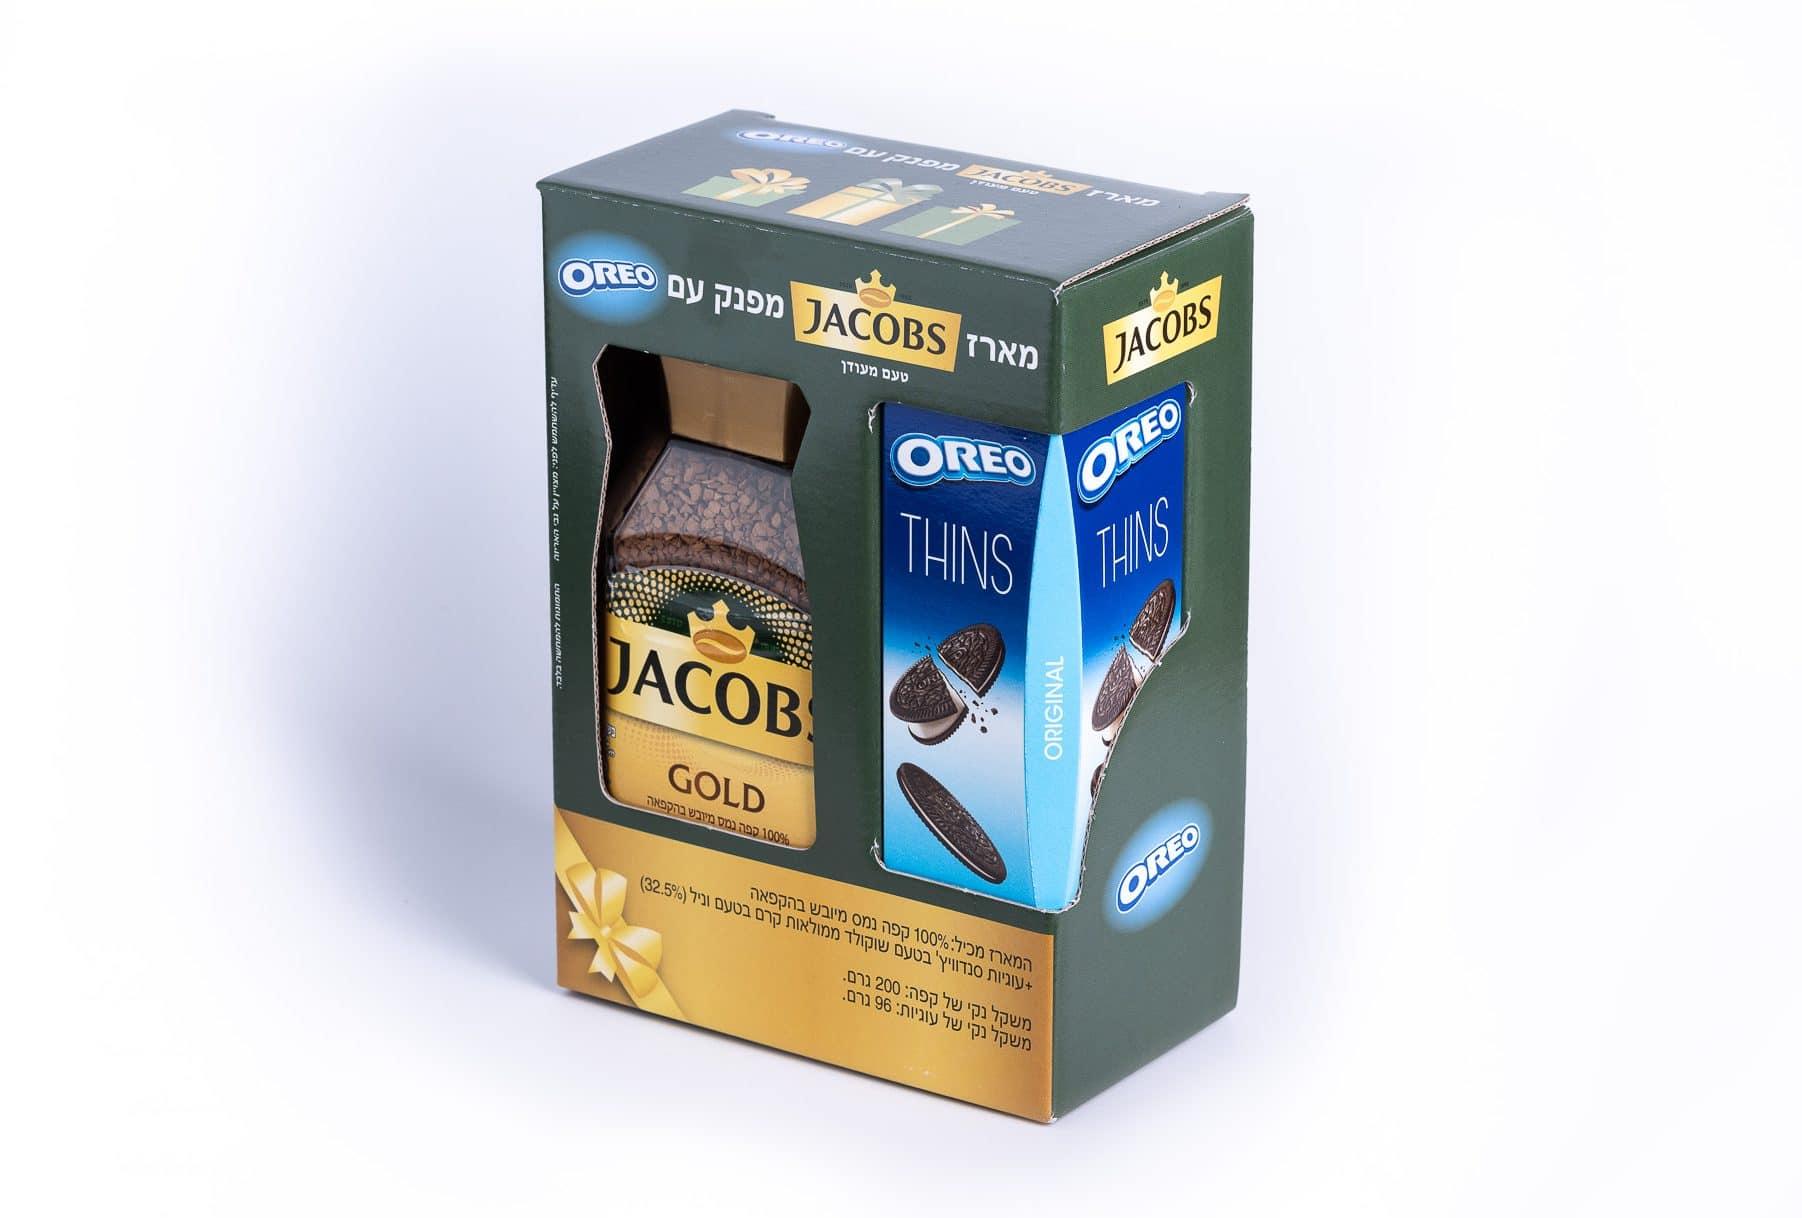 ייצור אריזות ב קפה לחברת JACOBS, מהדורת GOLD. המארז בצבע כחול ומוזהב עם הבלטה והטבעת פויל